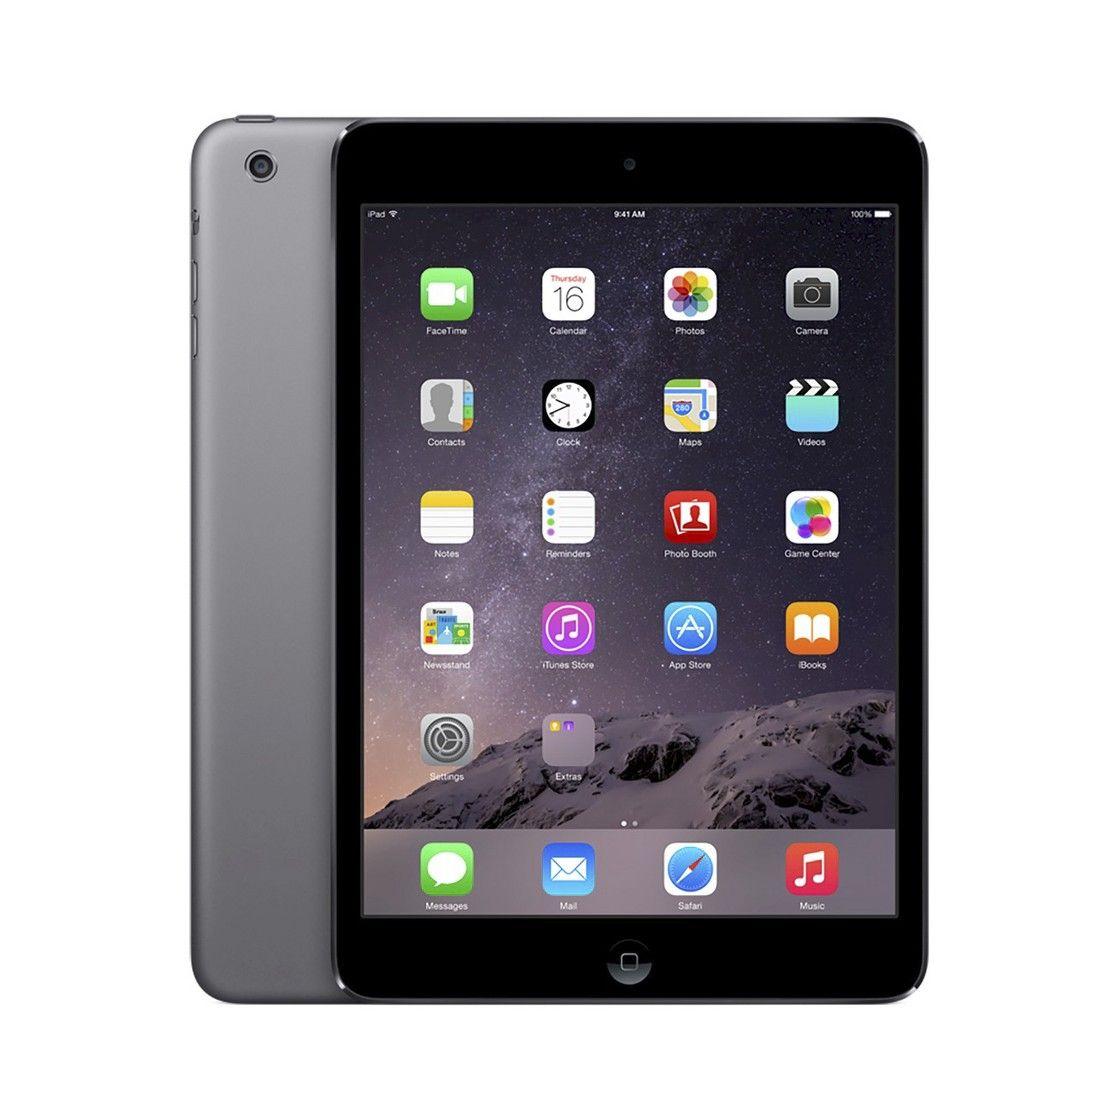 Apple iPad Mini 3 WiFi Cellular 128GB Space Gray